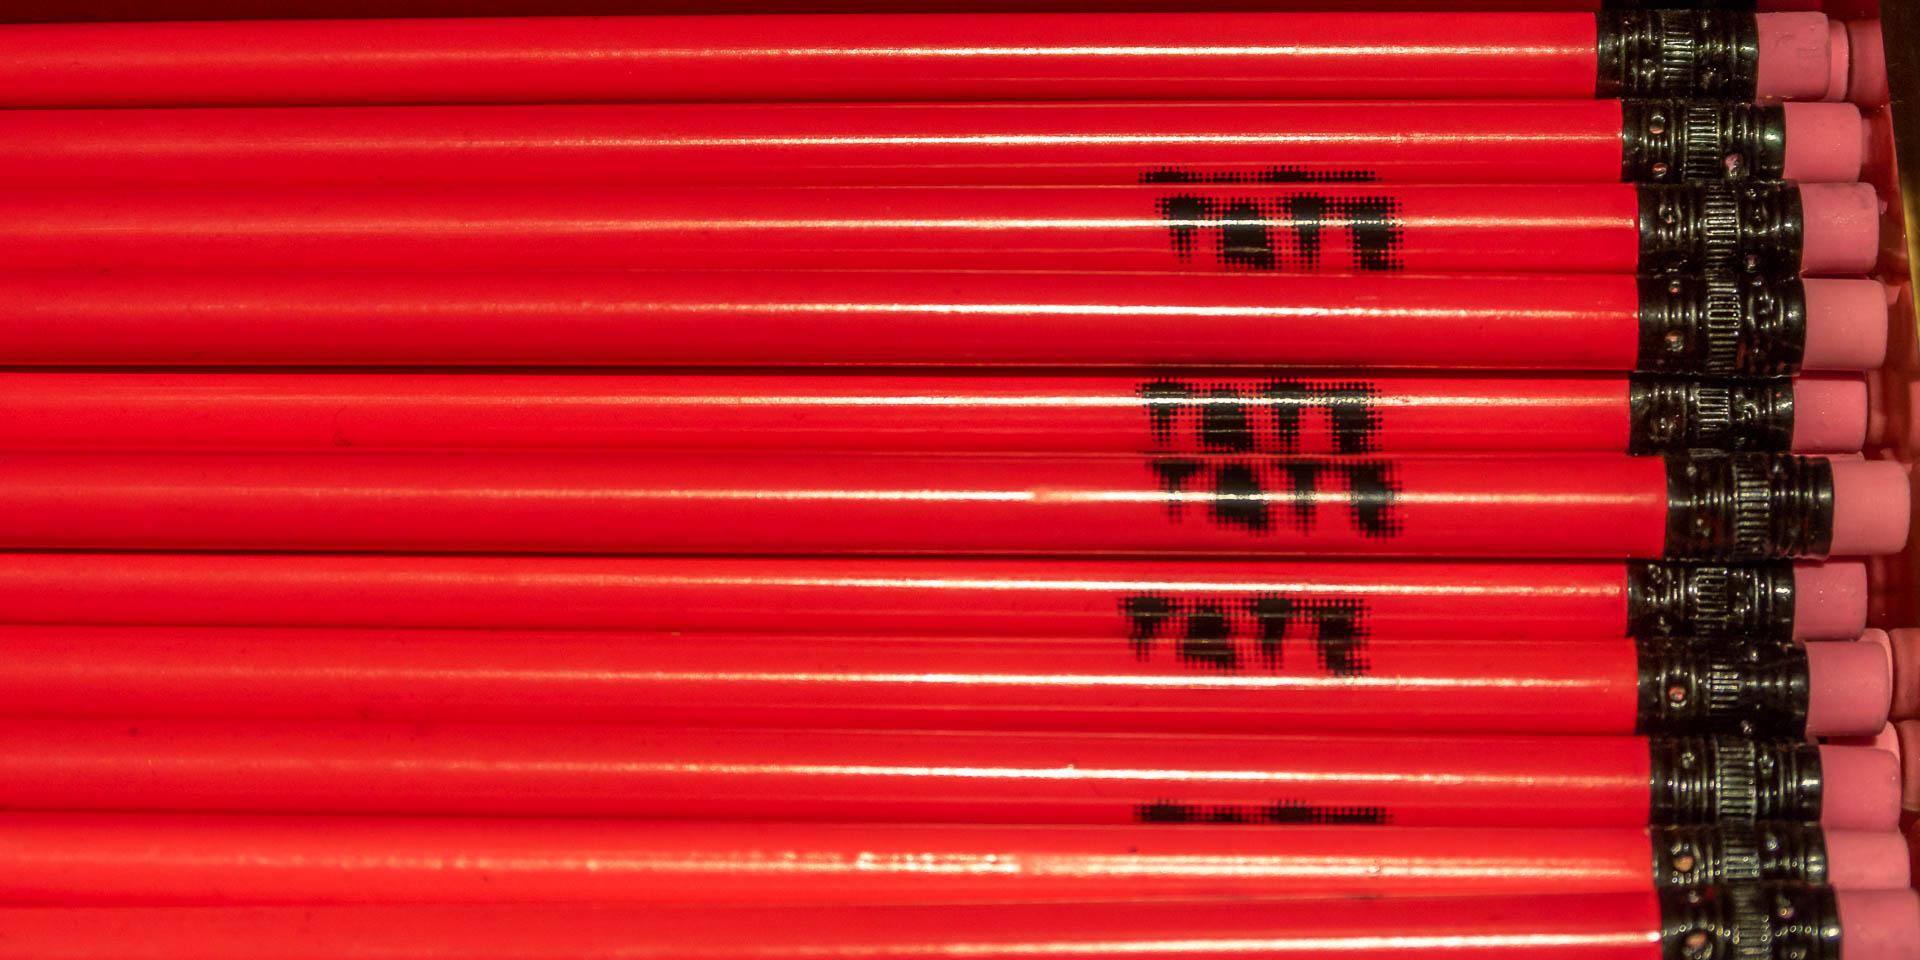 My visit to Tate Modern